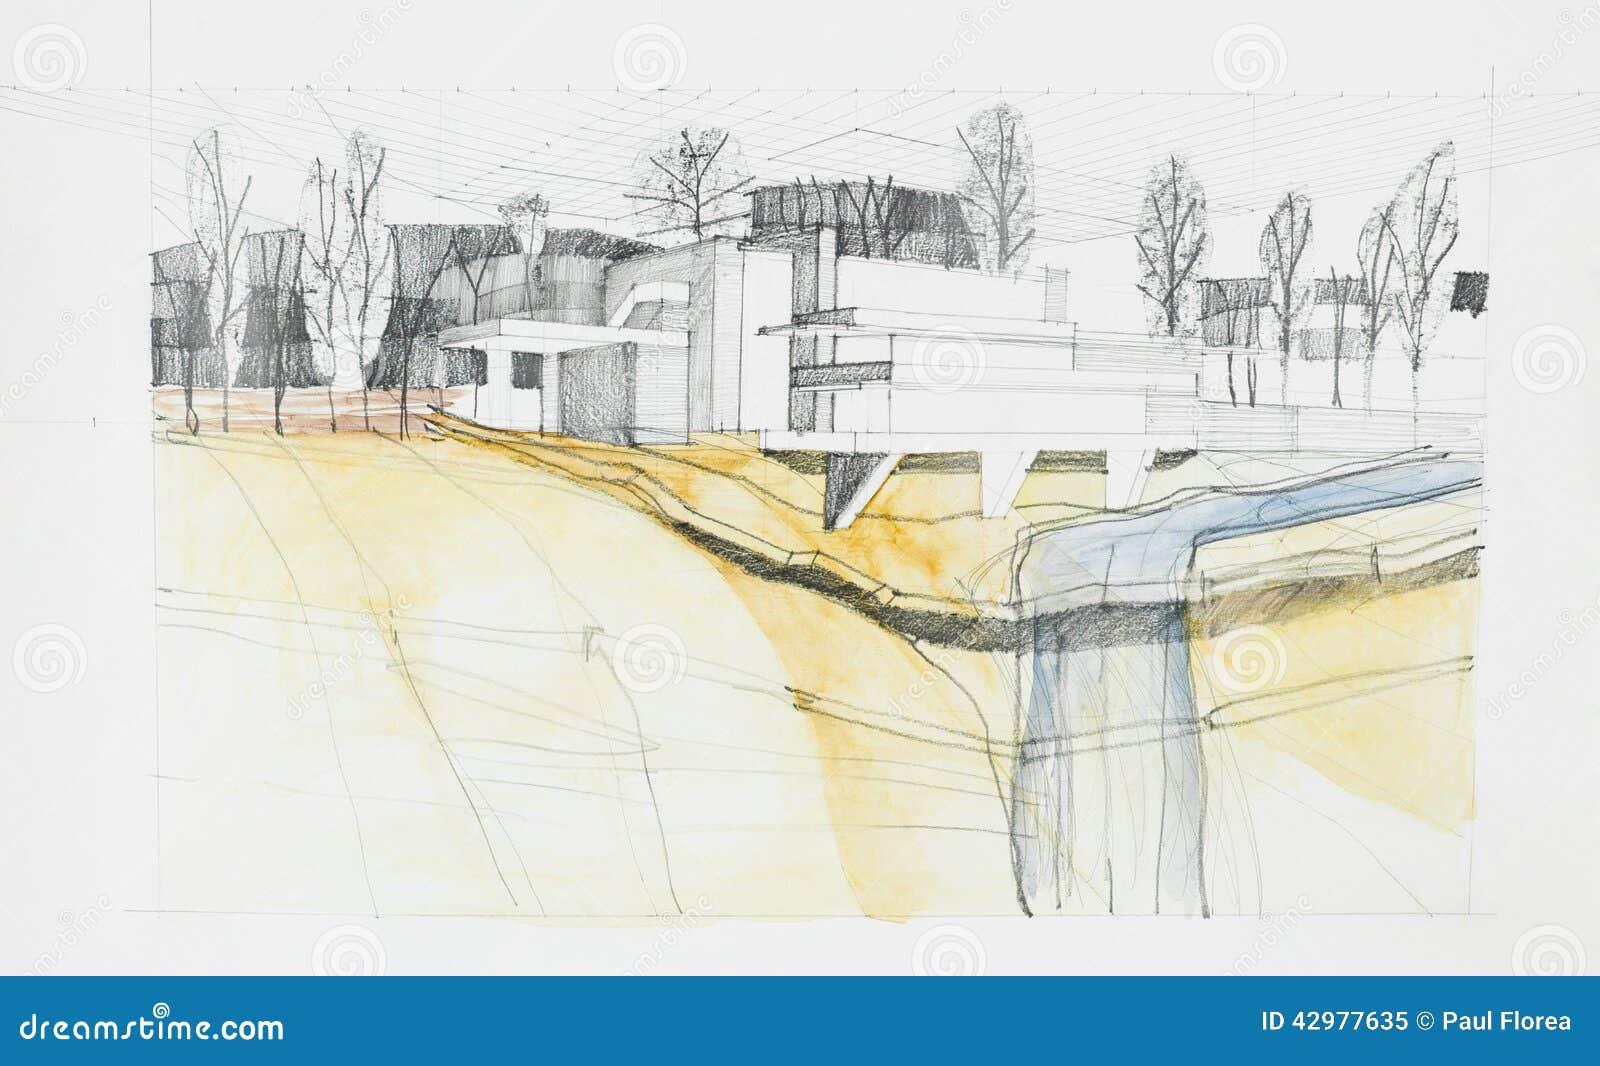 Dessin architectural du bâtiment et des environs